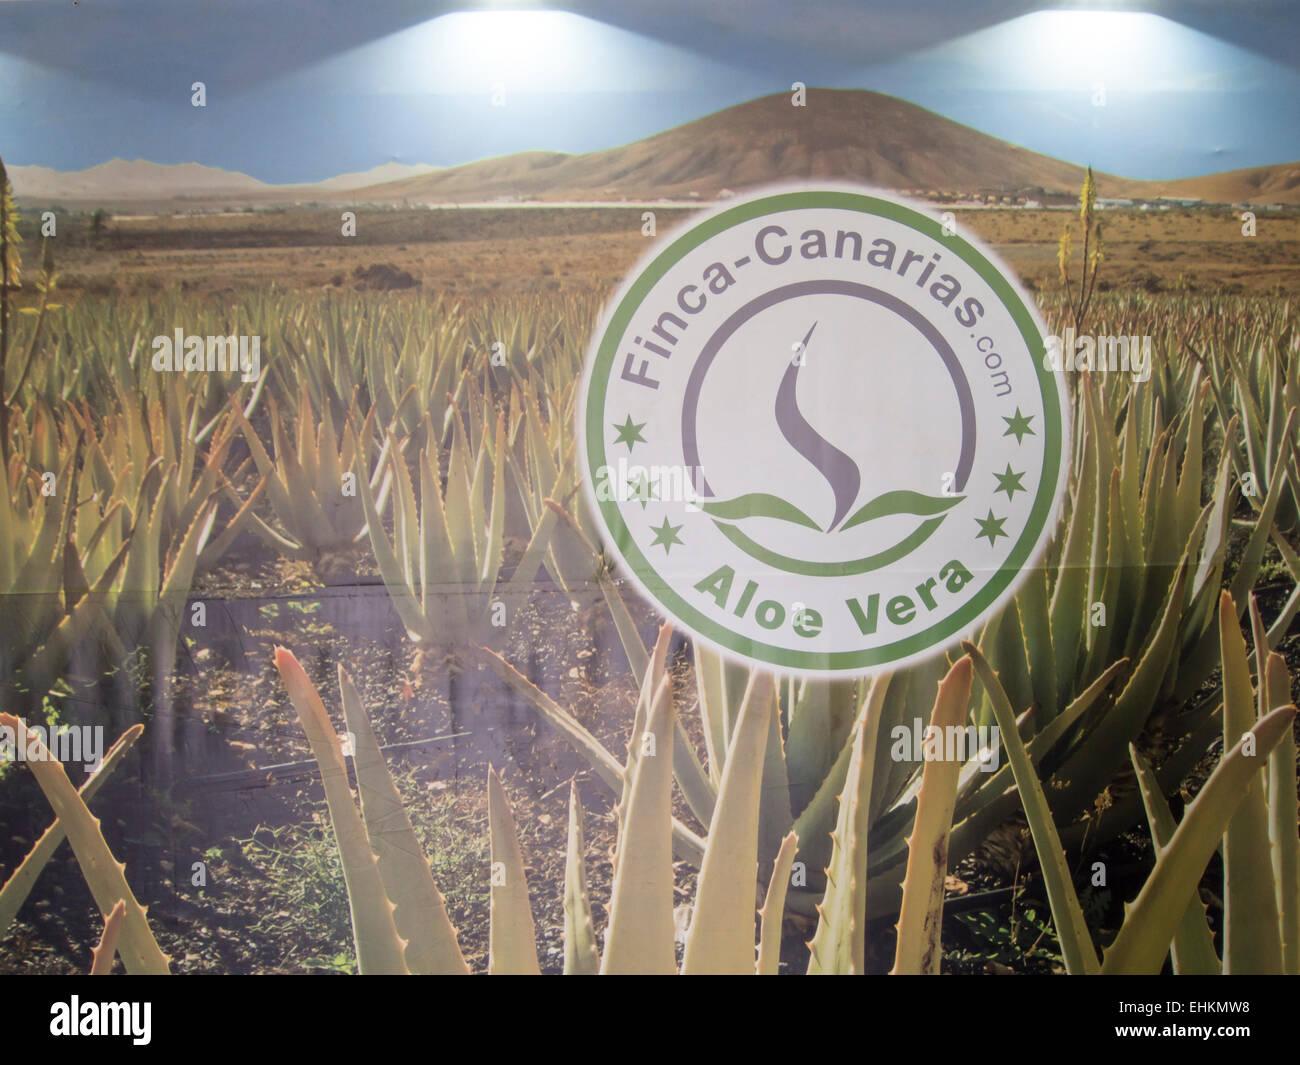 Bigwall-Plakat Werbung für die Firma, die Aloe Vera Plantage und Produkte, Fuerteventura, Spanien Finca - Canarias Stockbild